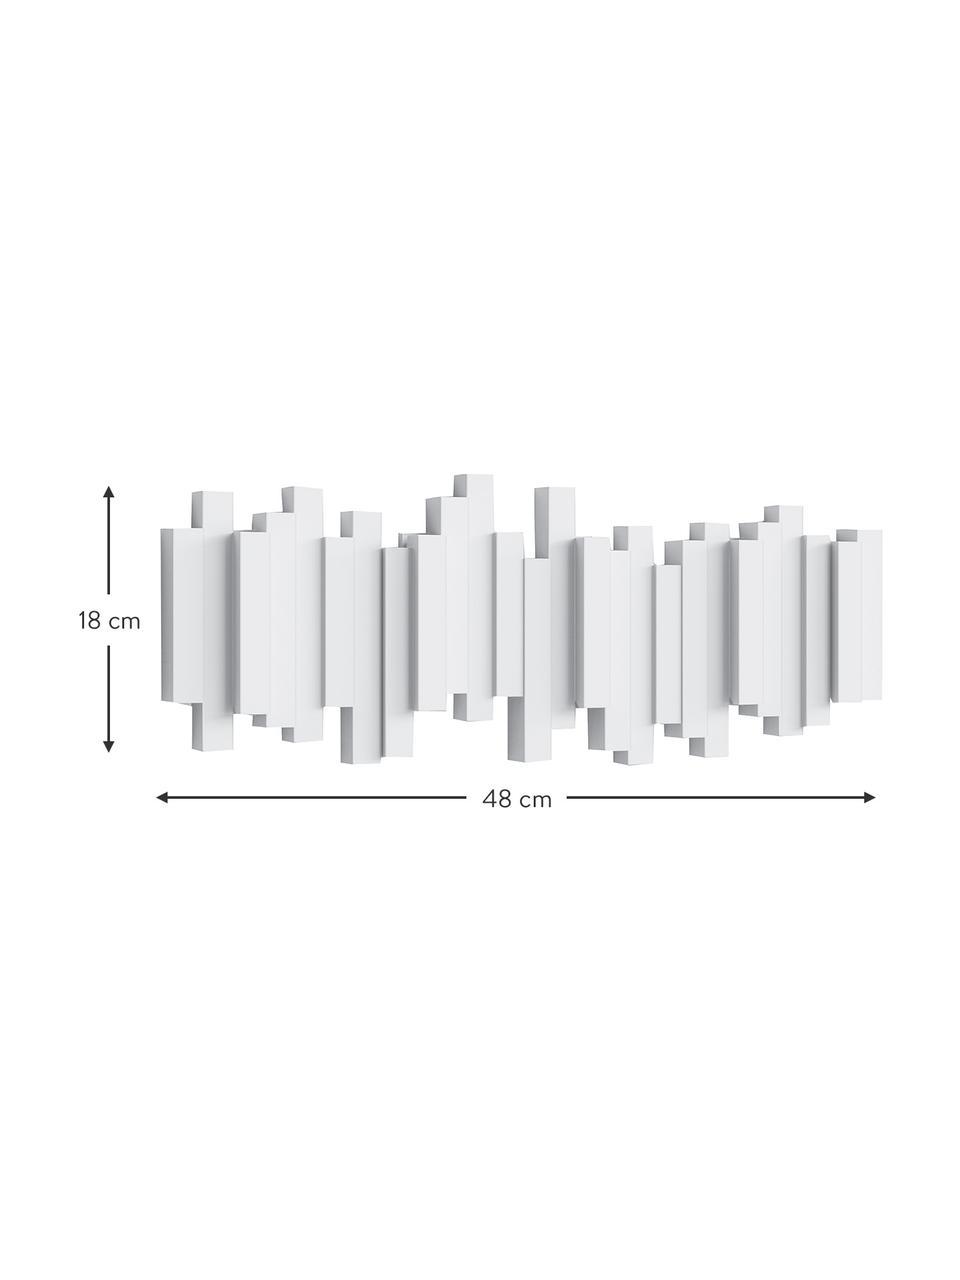 Wieszak ścienny Sticks, Tworzywo sztuczne, Biały, S 48 x W 18 cm